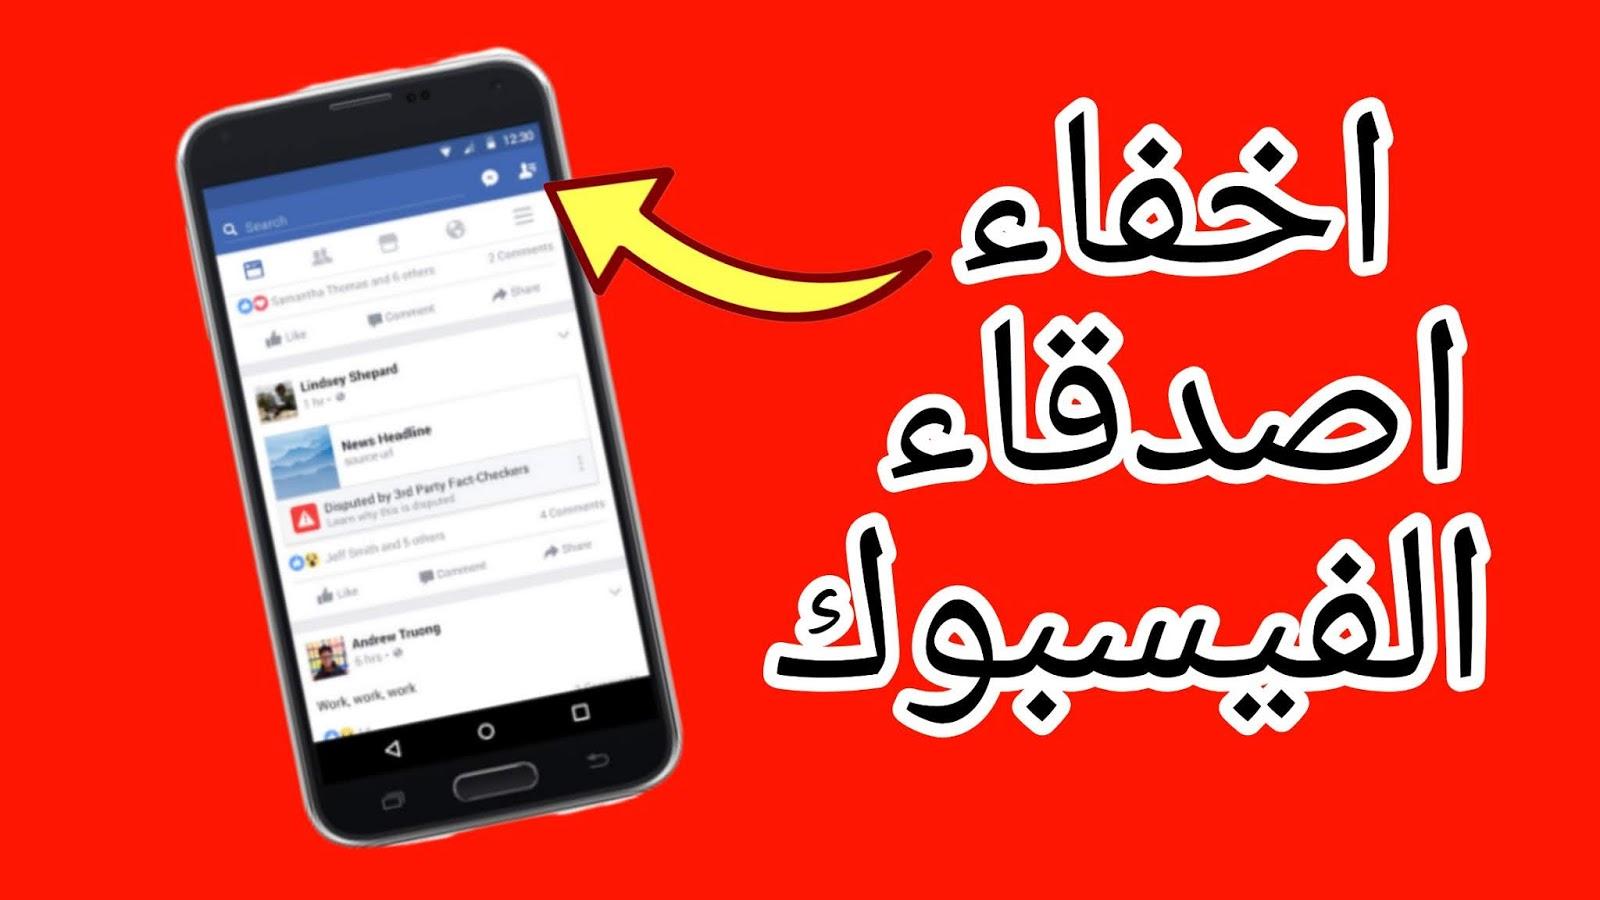 اخفاء اصدقاء فيسبوك